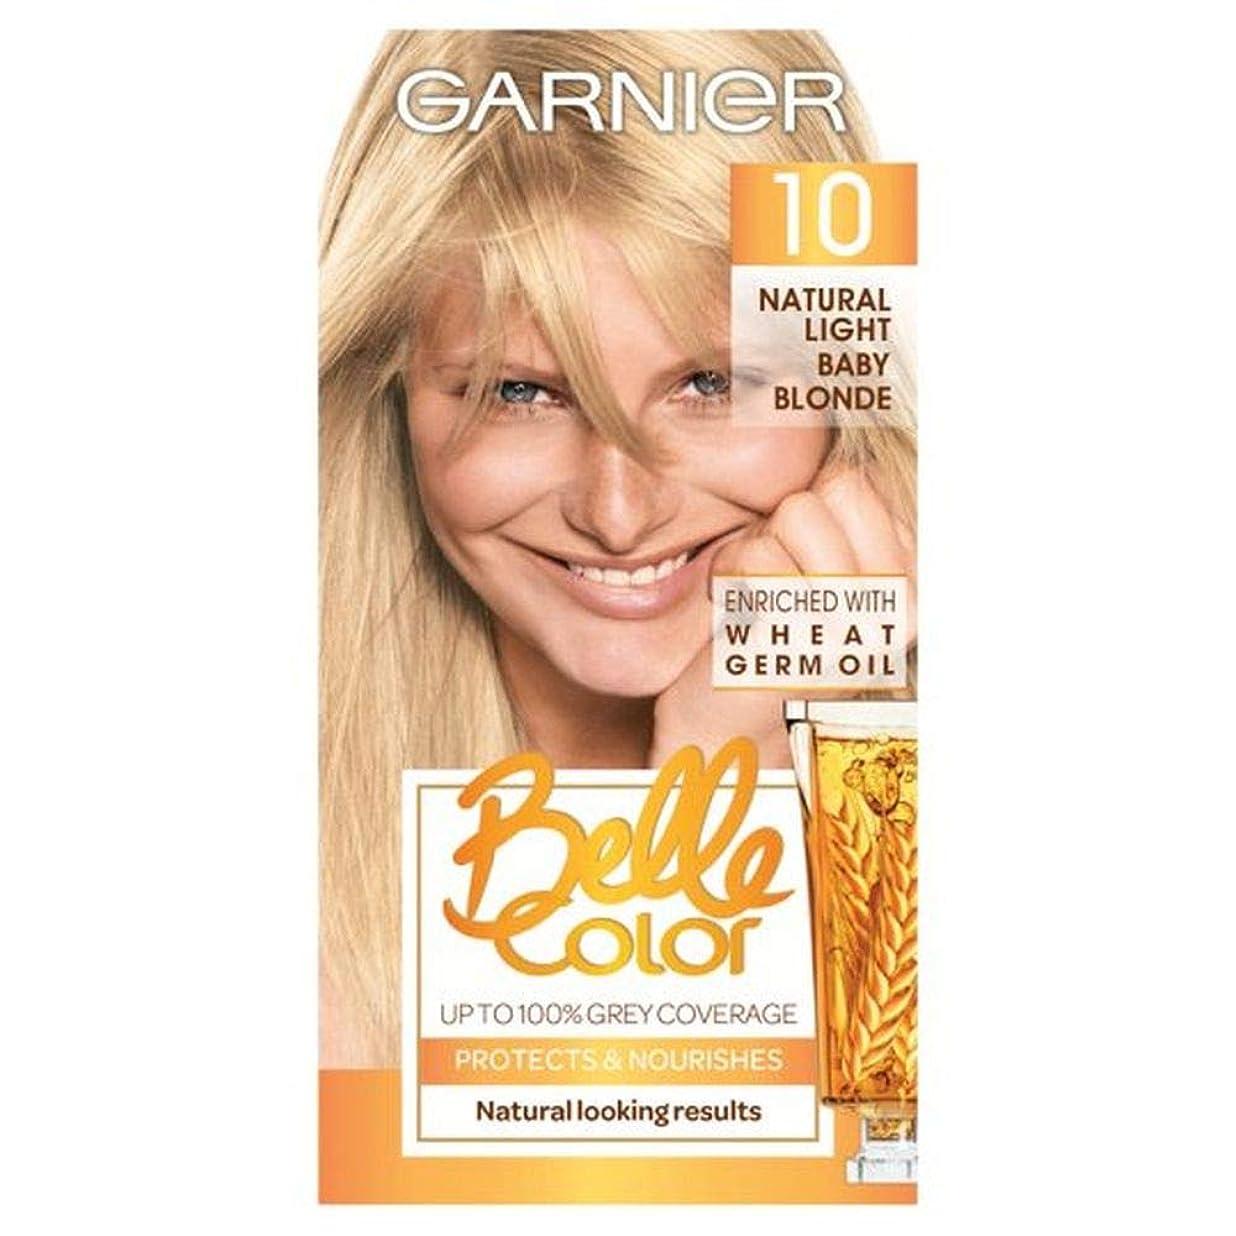 憂慮すべき具体的に視線[Belle Color ] ガーン/ベル/Clr 10自然光の赤ちゃんブロンドパーマネントヘアダイ - Garn/Bel/Clr 10 Natural Light Baby Blonde Permanent Hair Dye [並行輸入品]